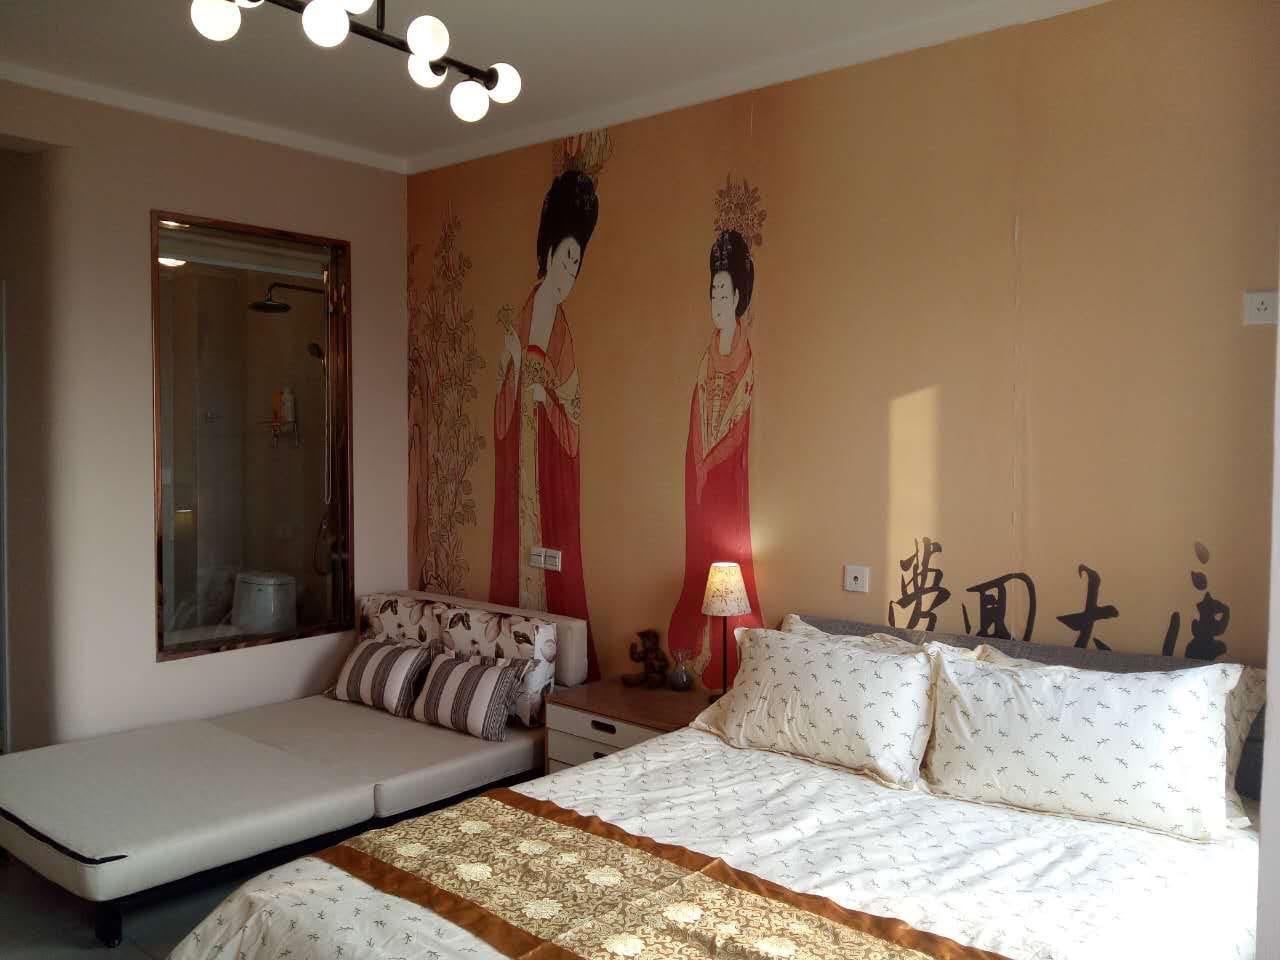 1500的双人床,1200的沙发床,适合2到3位客人居住